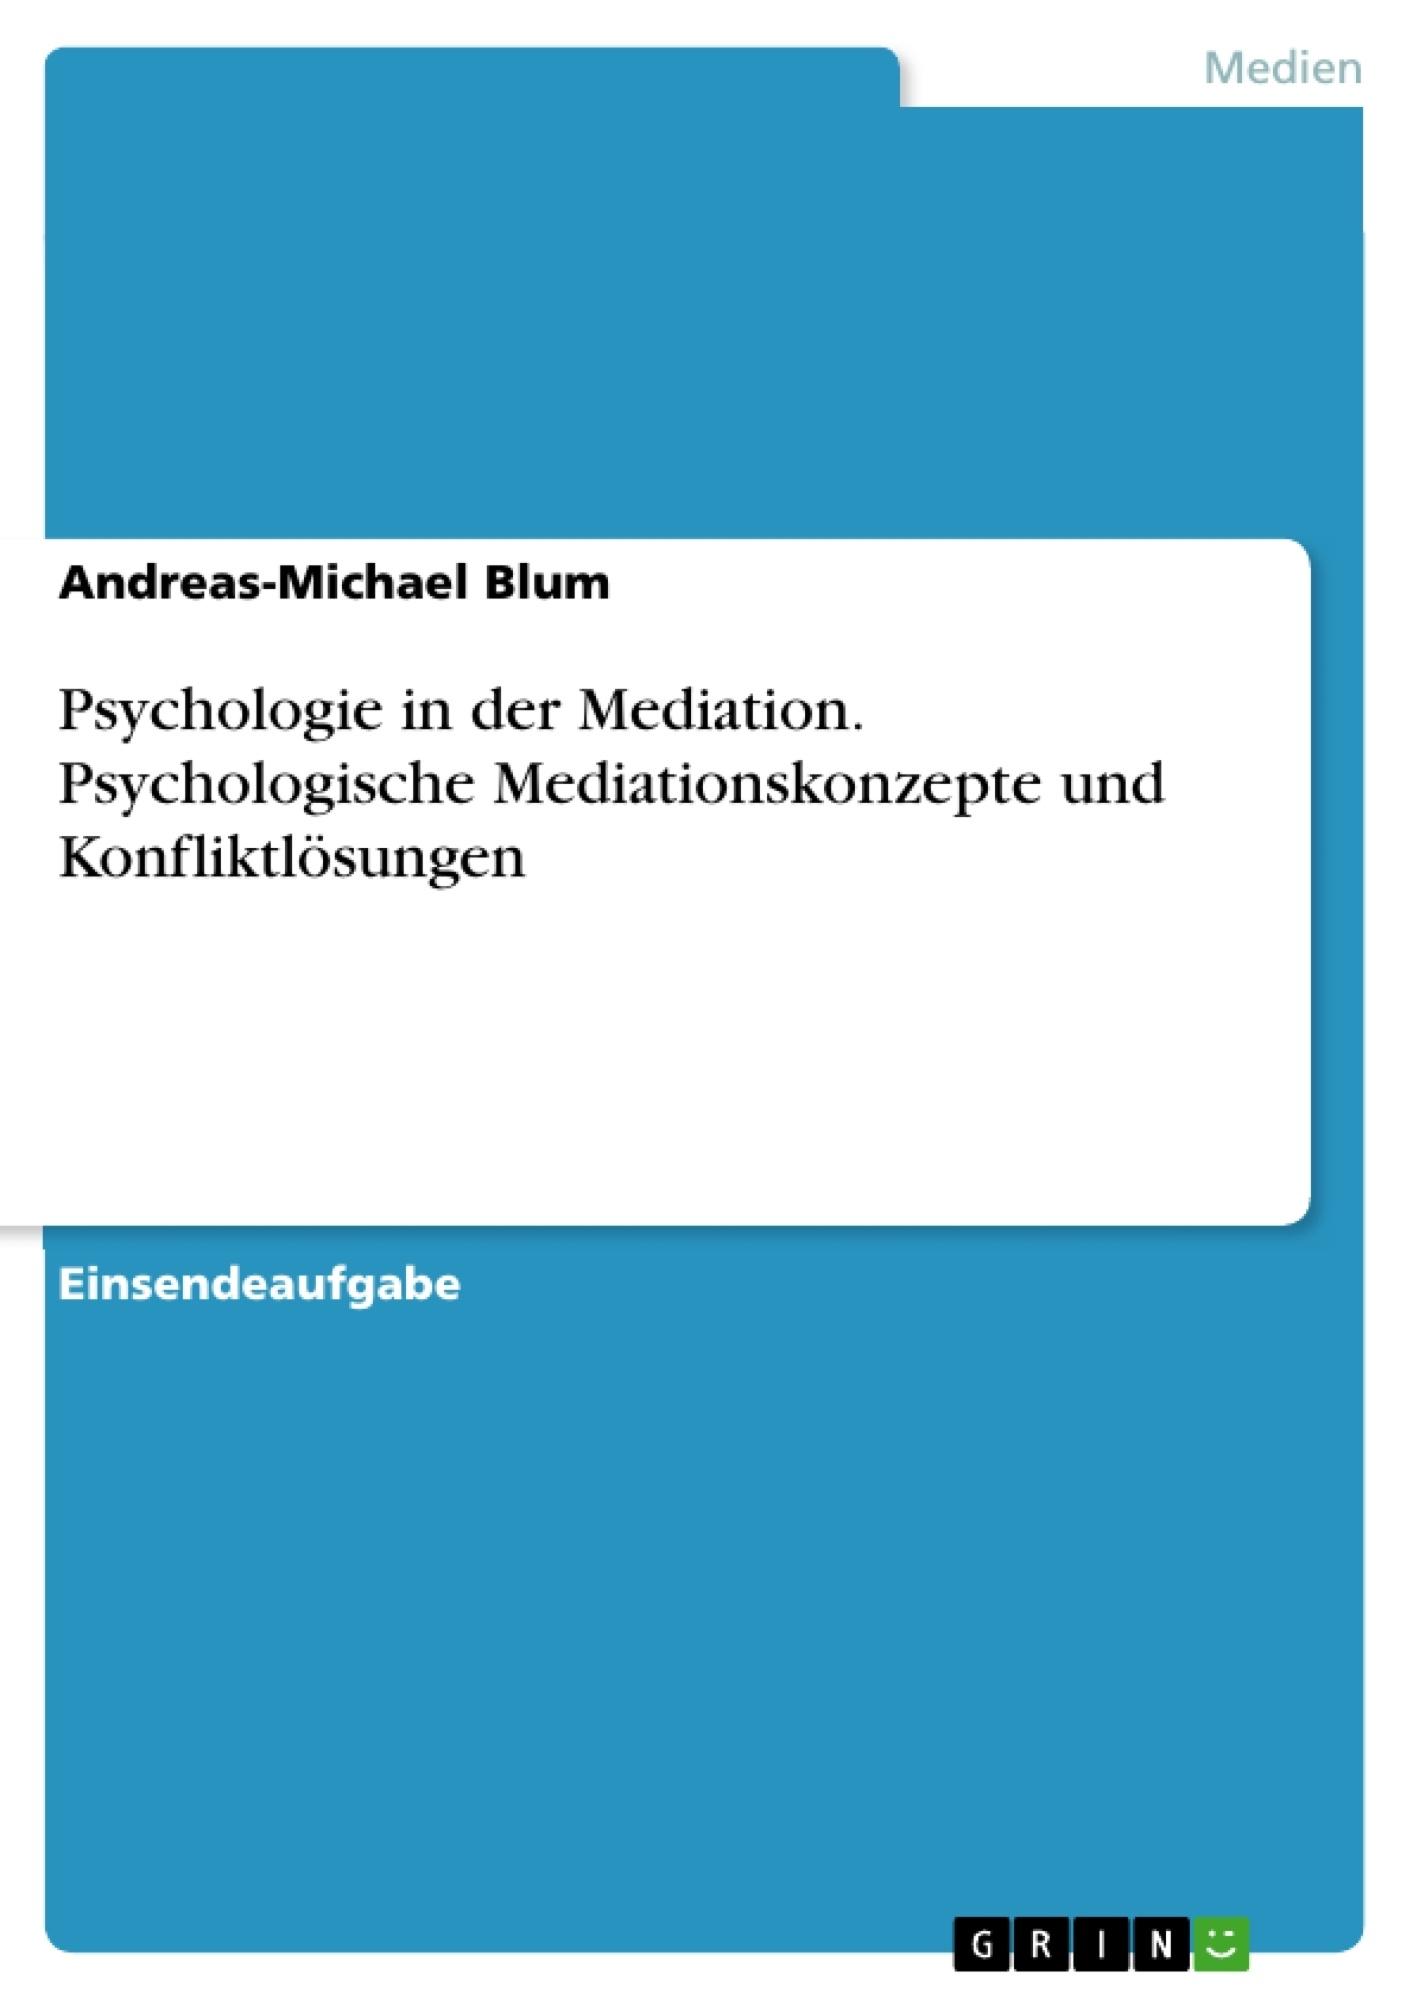 Titel: Psychologie in der Mediation.  Psychologische Mediationskonzepte und Konfliktlösungen